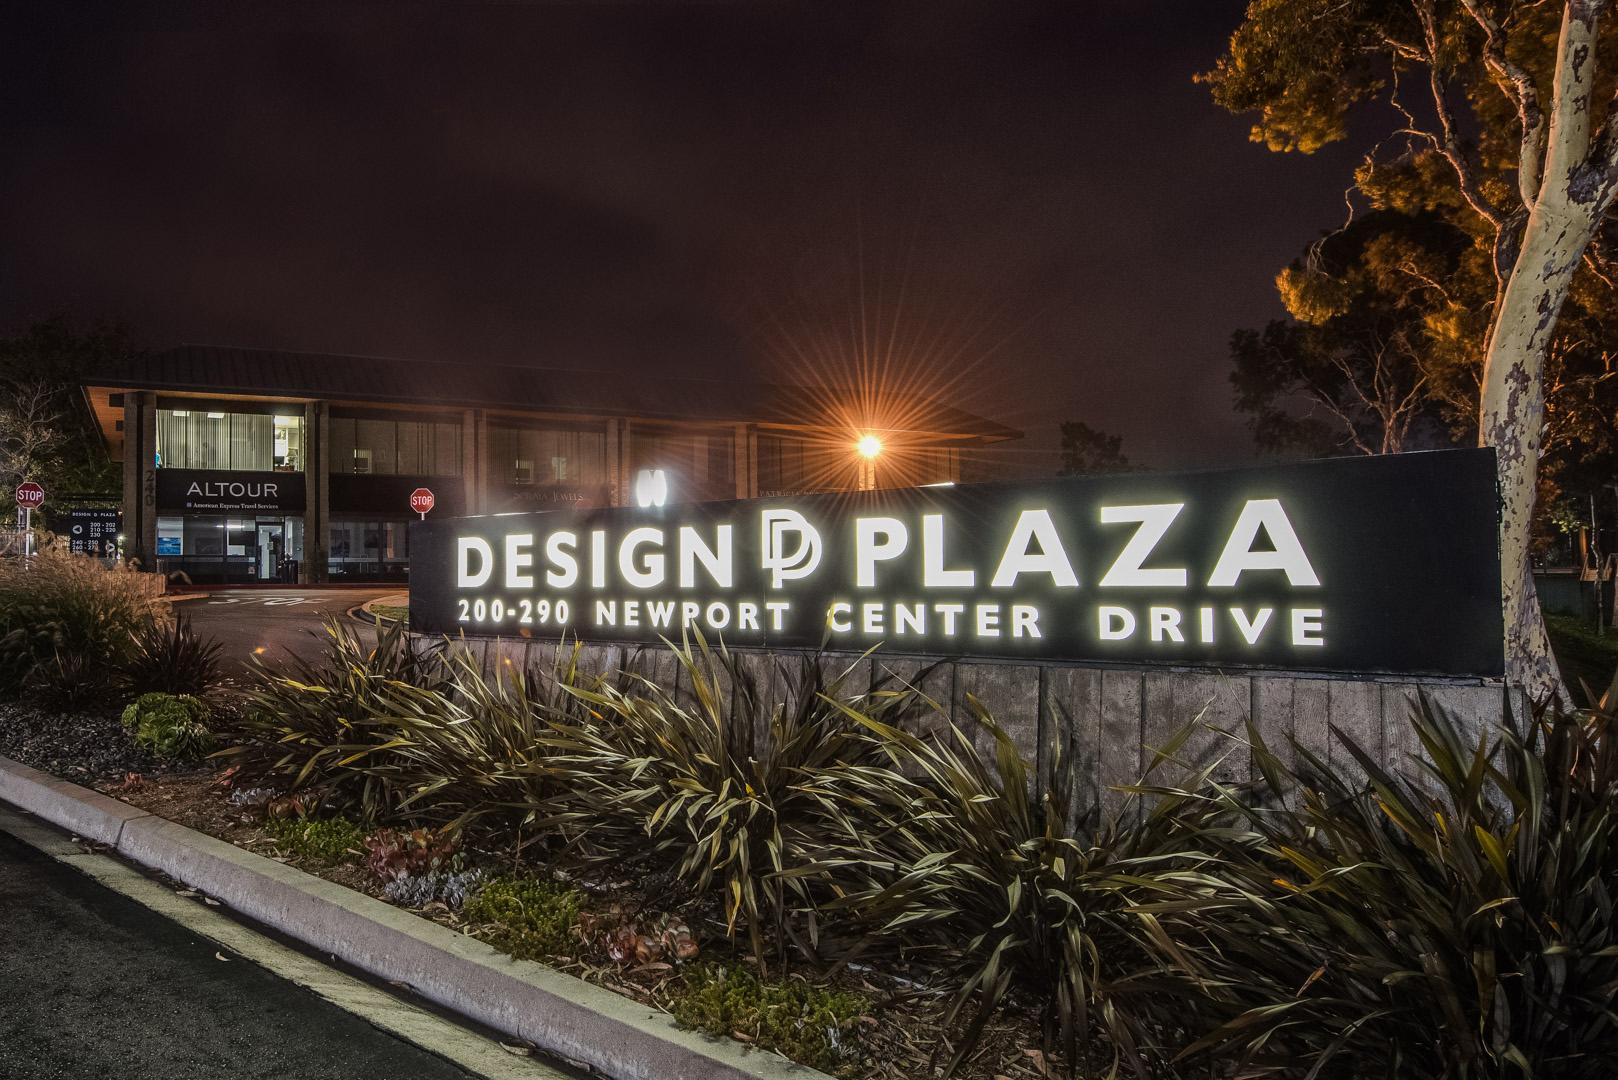 240 Newport Center Drive